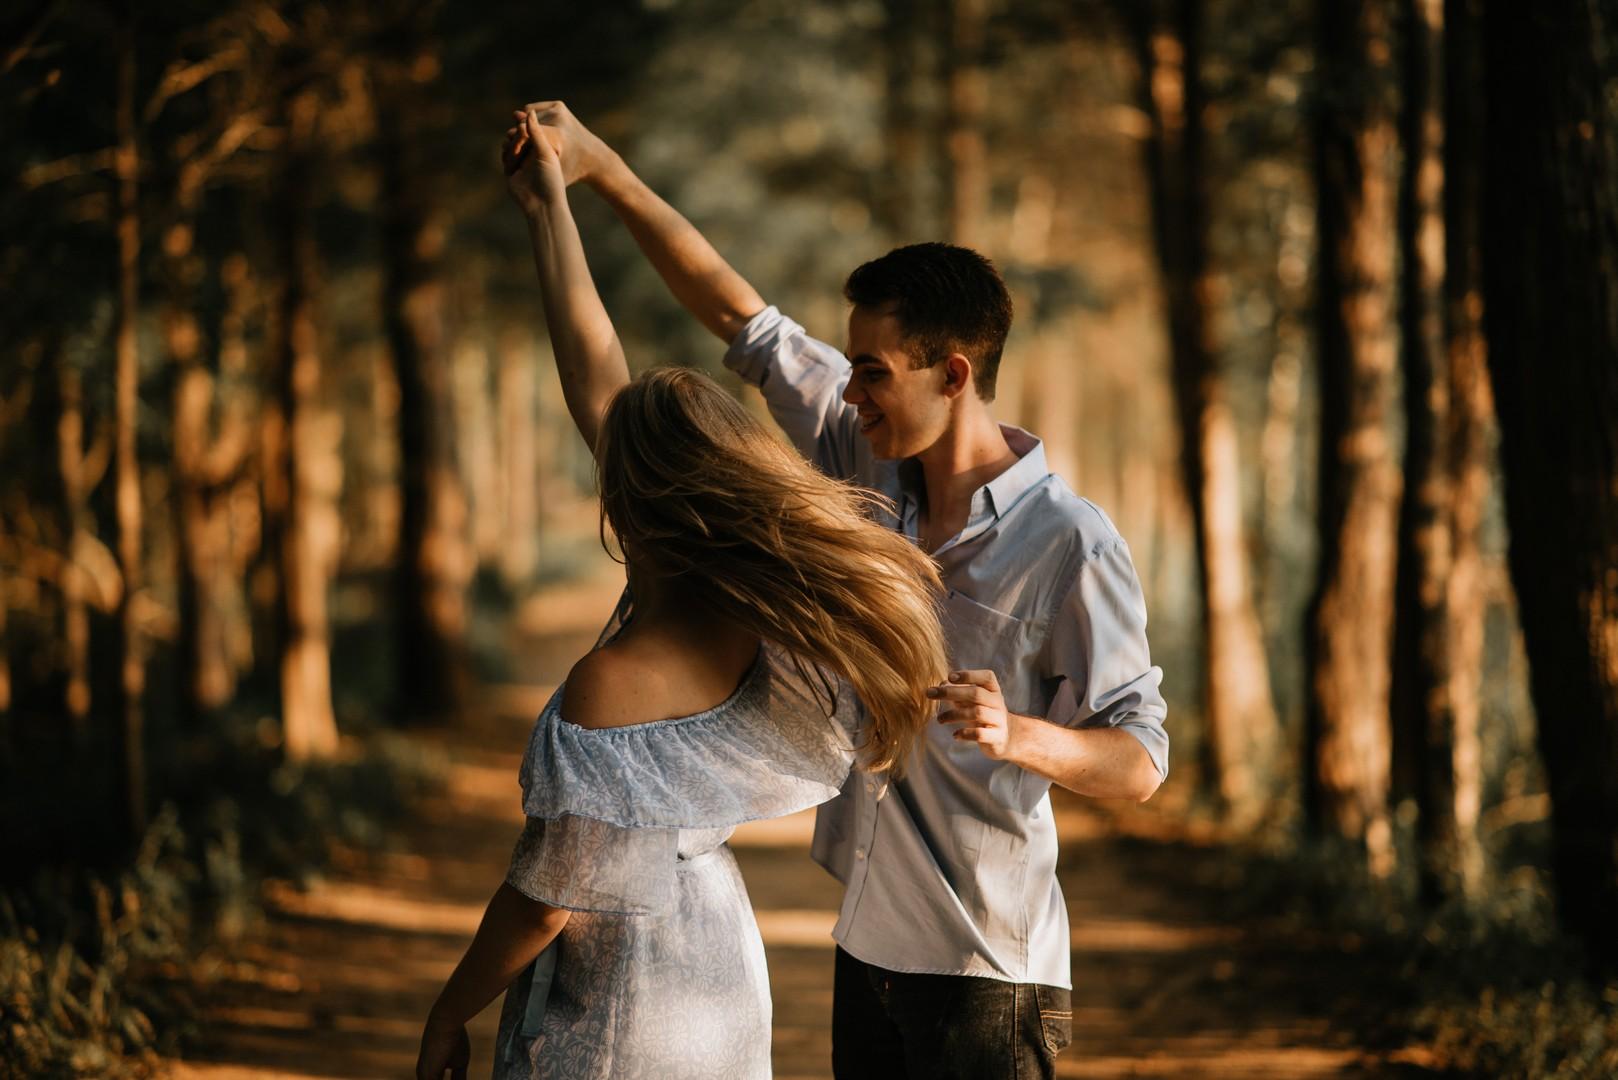 Как полюбить мужа заново: 10 рабочих советов от Плачу.НЕТ